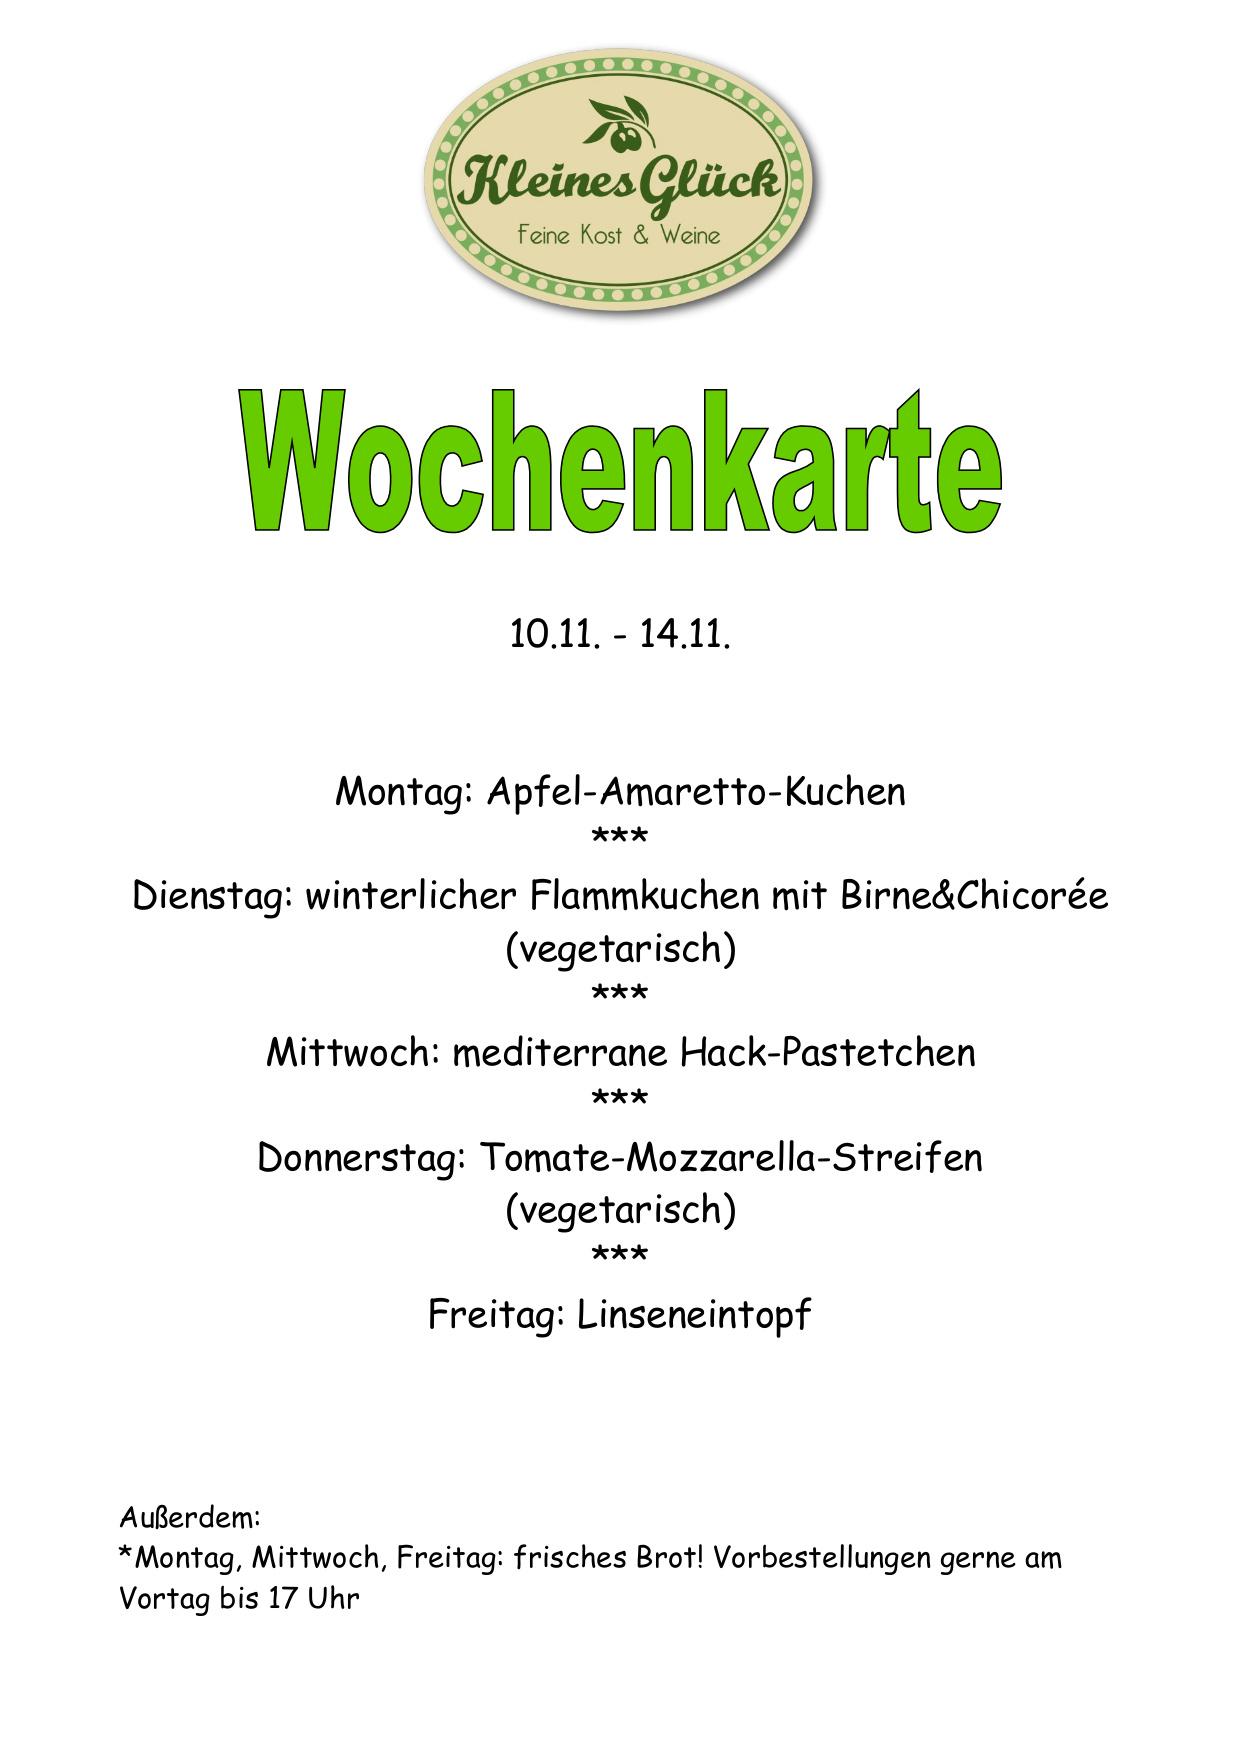 Wochenkarte_14-46